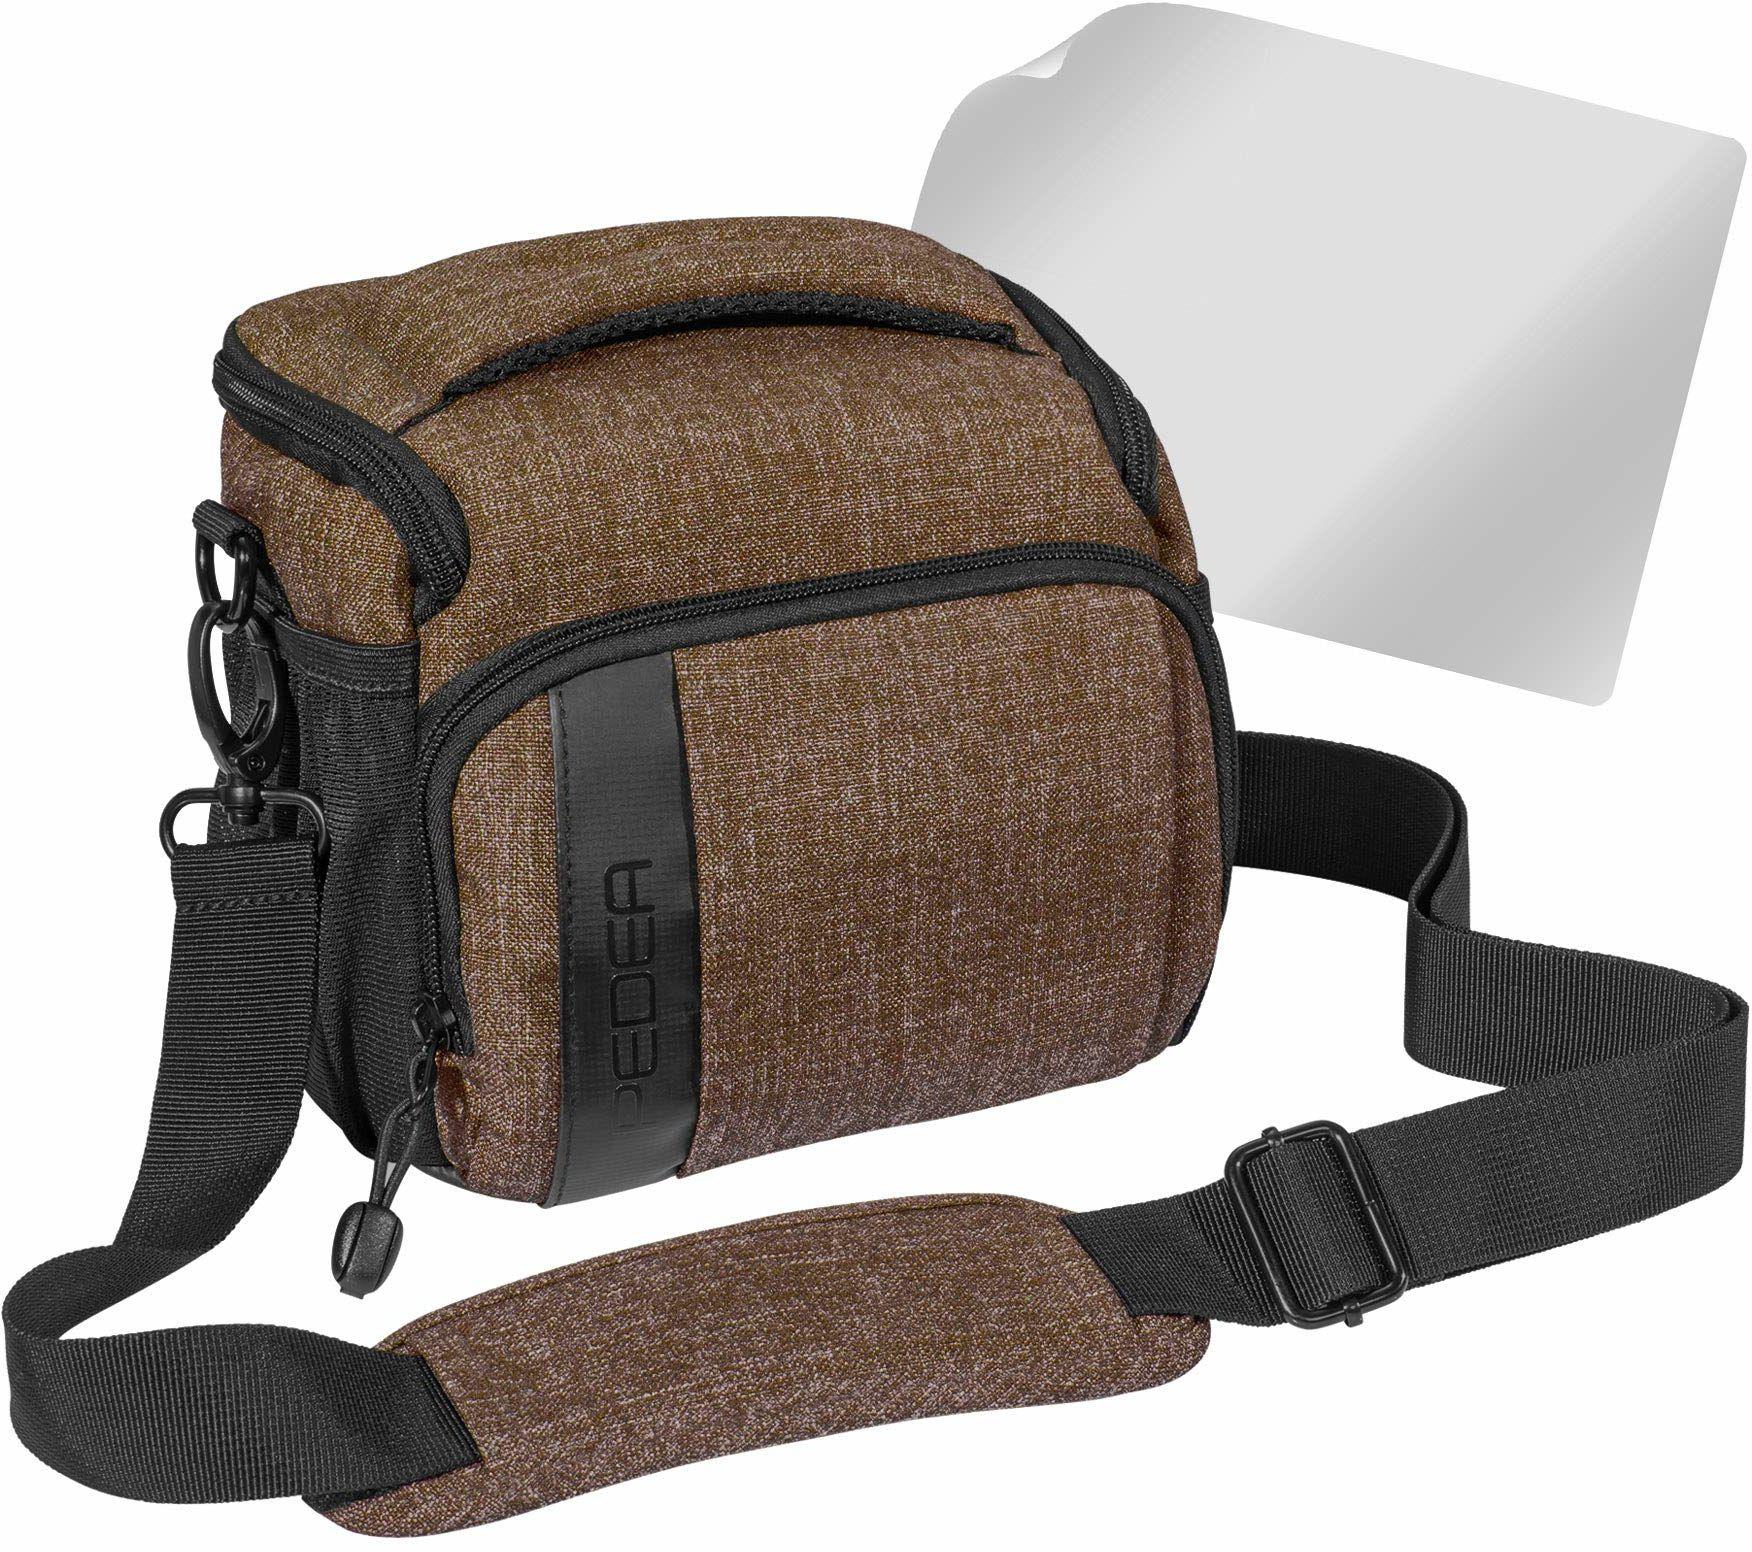 """PEDEA DSLR torba na aparat """"Fashion"""" z folią ochronną na wyświetlacz do Canon EOS 5D Mark II 400D 2000D / Nikon D60 D80 D90 D3100 D3200 D3300 D3400 D5300 D7100 / Pentax K 50 K 500, rozm. L brązowy"""